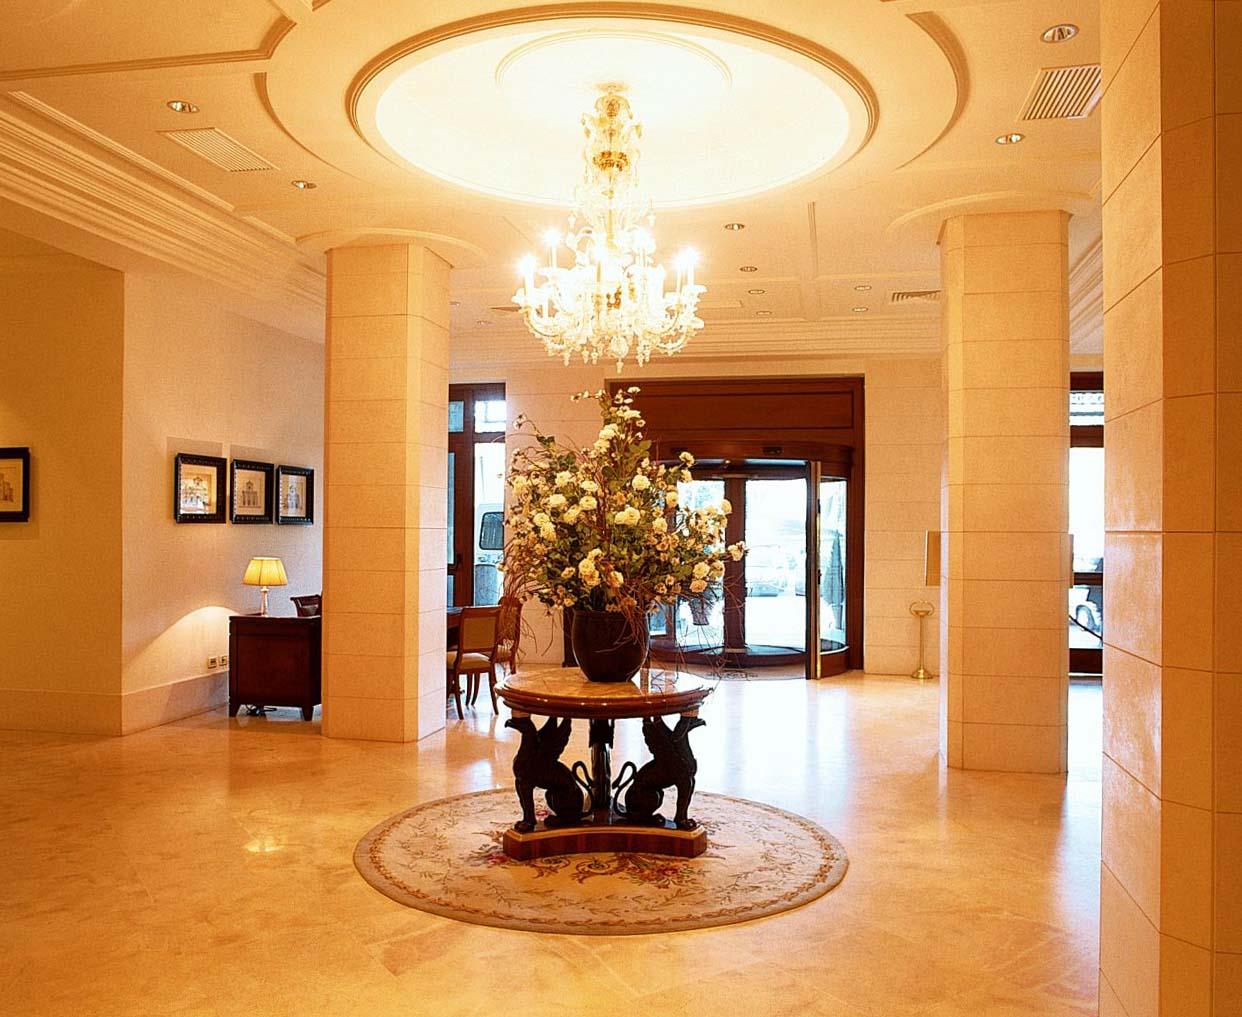 Excelsior Grand Hotel, Catania - Vimar energia positiva